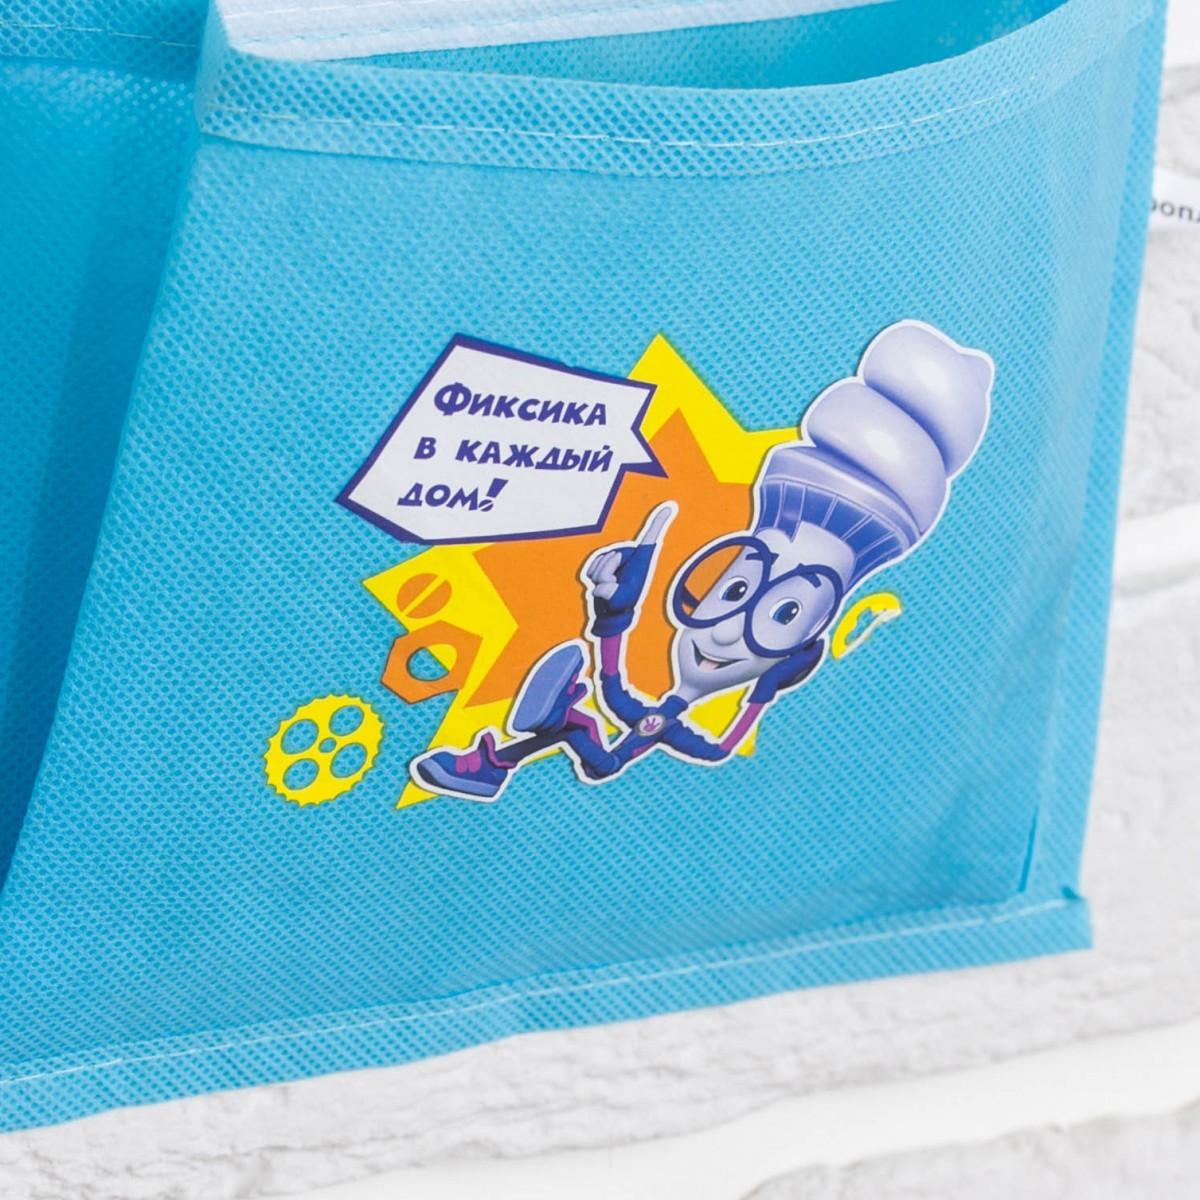 """Подвесные кармашки для детского сада """"Фиксики"""", синий, 45 х 18 см"""